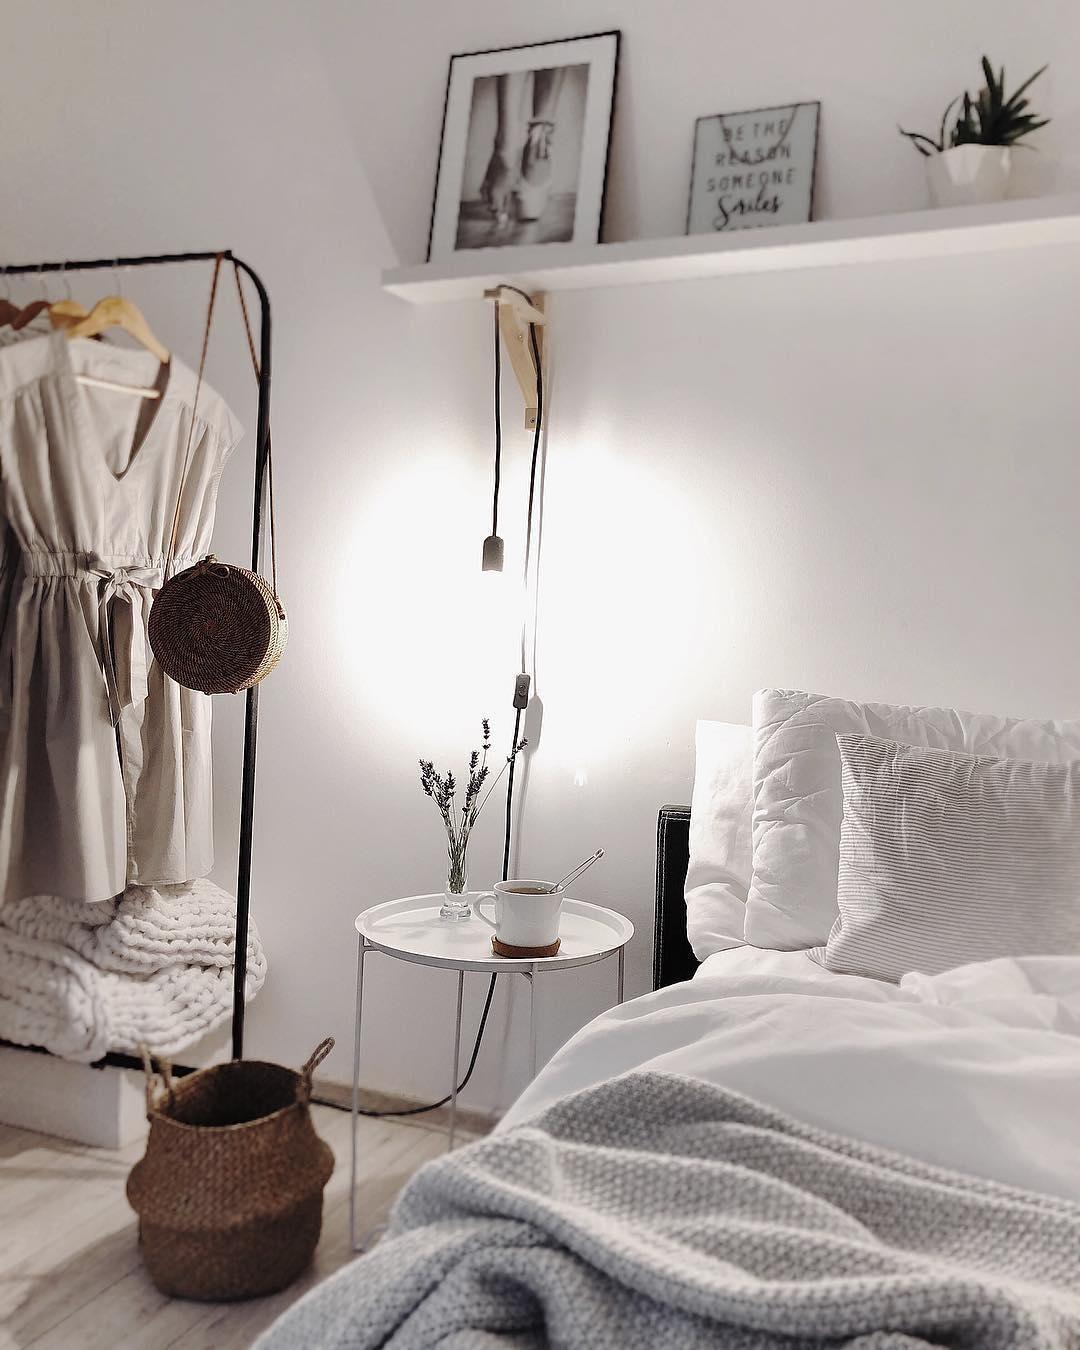 Full Size of Deko Schlafzimmer White Dreams In Diesem Wunderschnen Stimmt Jedes Wohnzimmer Dekoration Regal Wandtattoos Komplettangebote Schrank Weißes Schimmel Im Schlafzimmer Deko Schlafzimmer